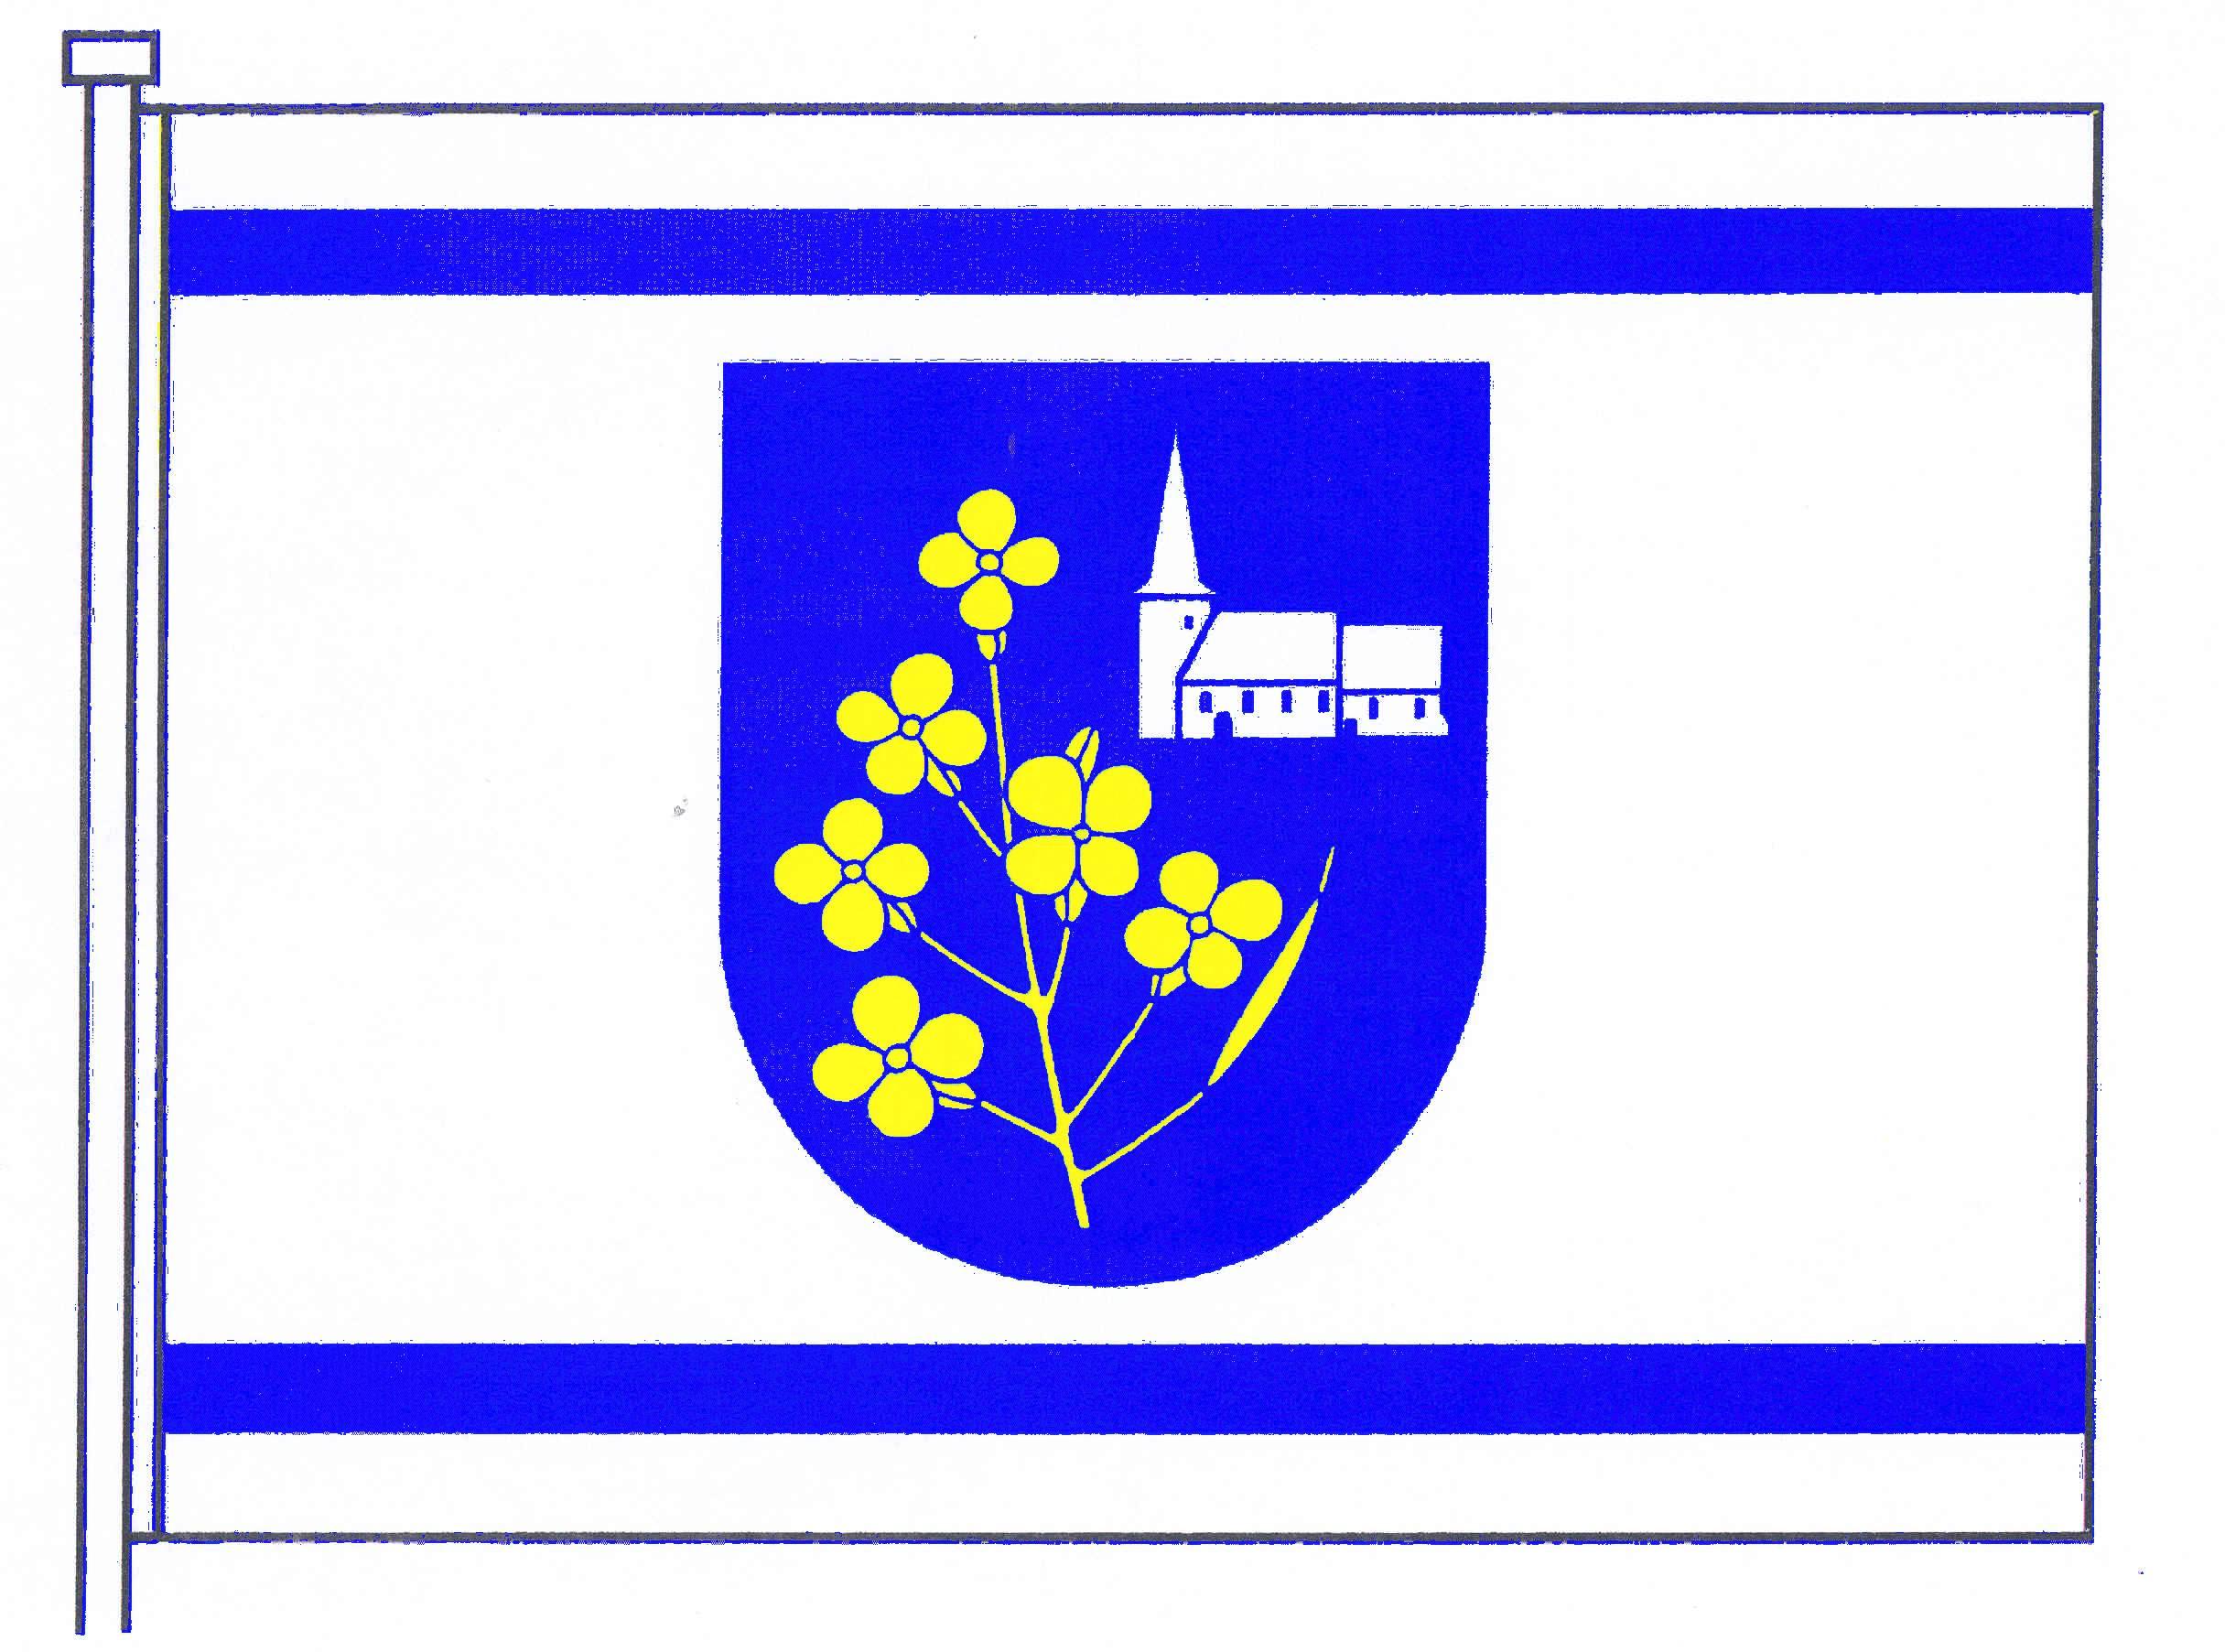 Flagge GemeindePronstorf, Kreis Segeberg